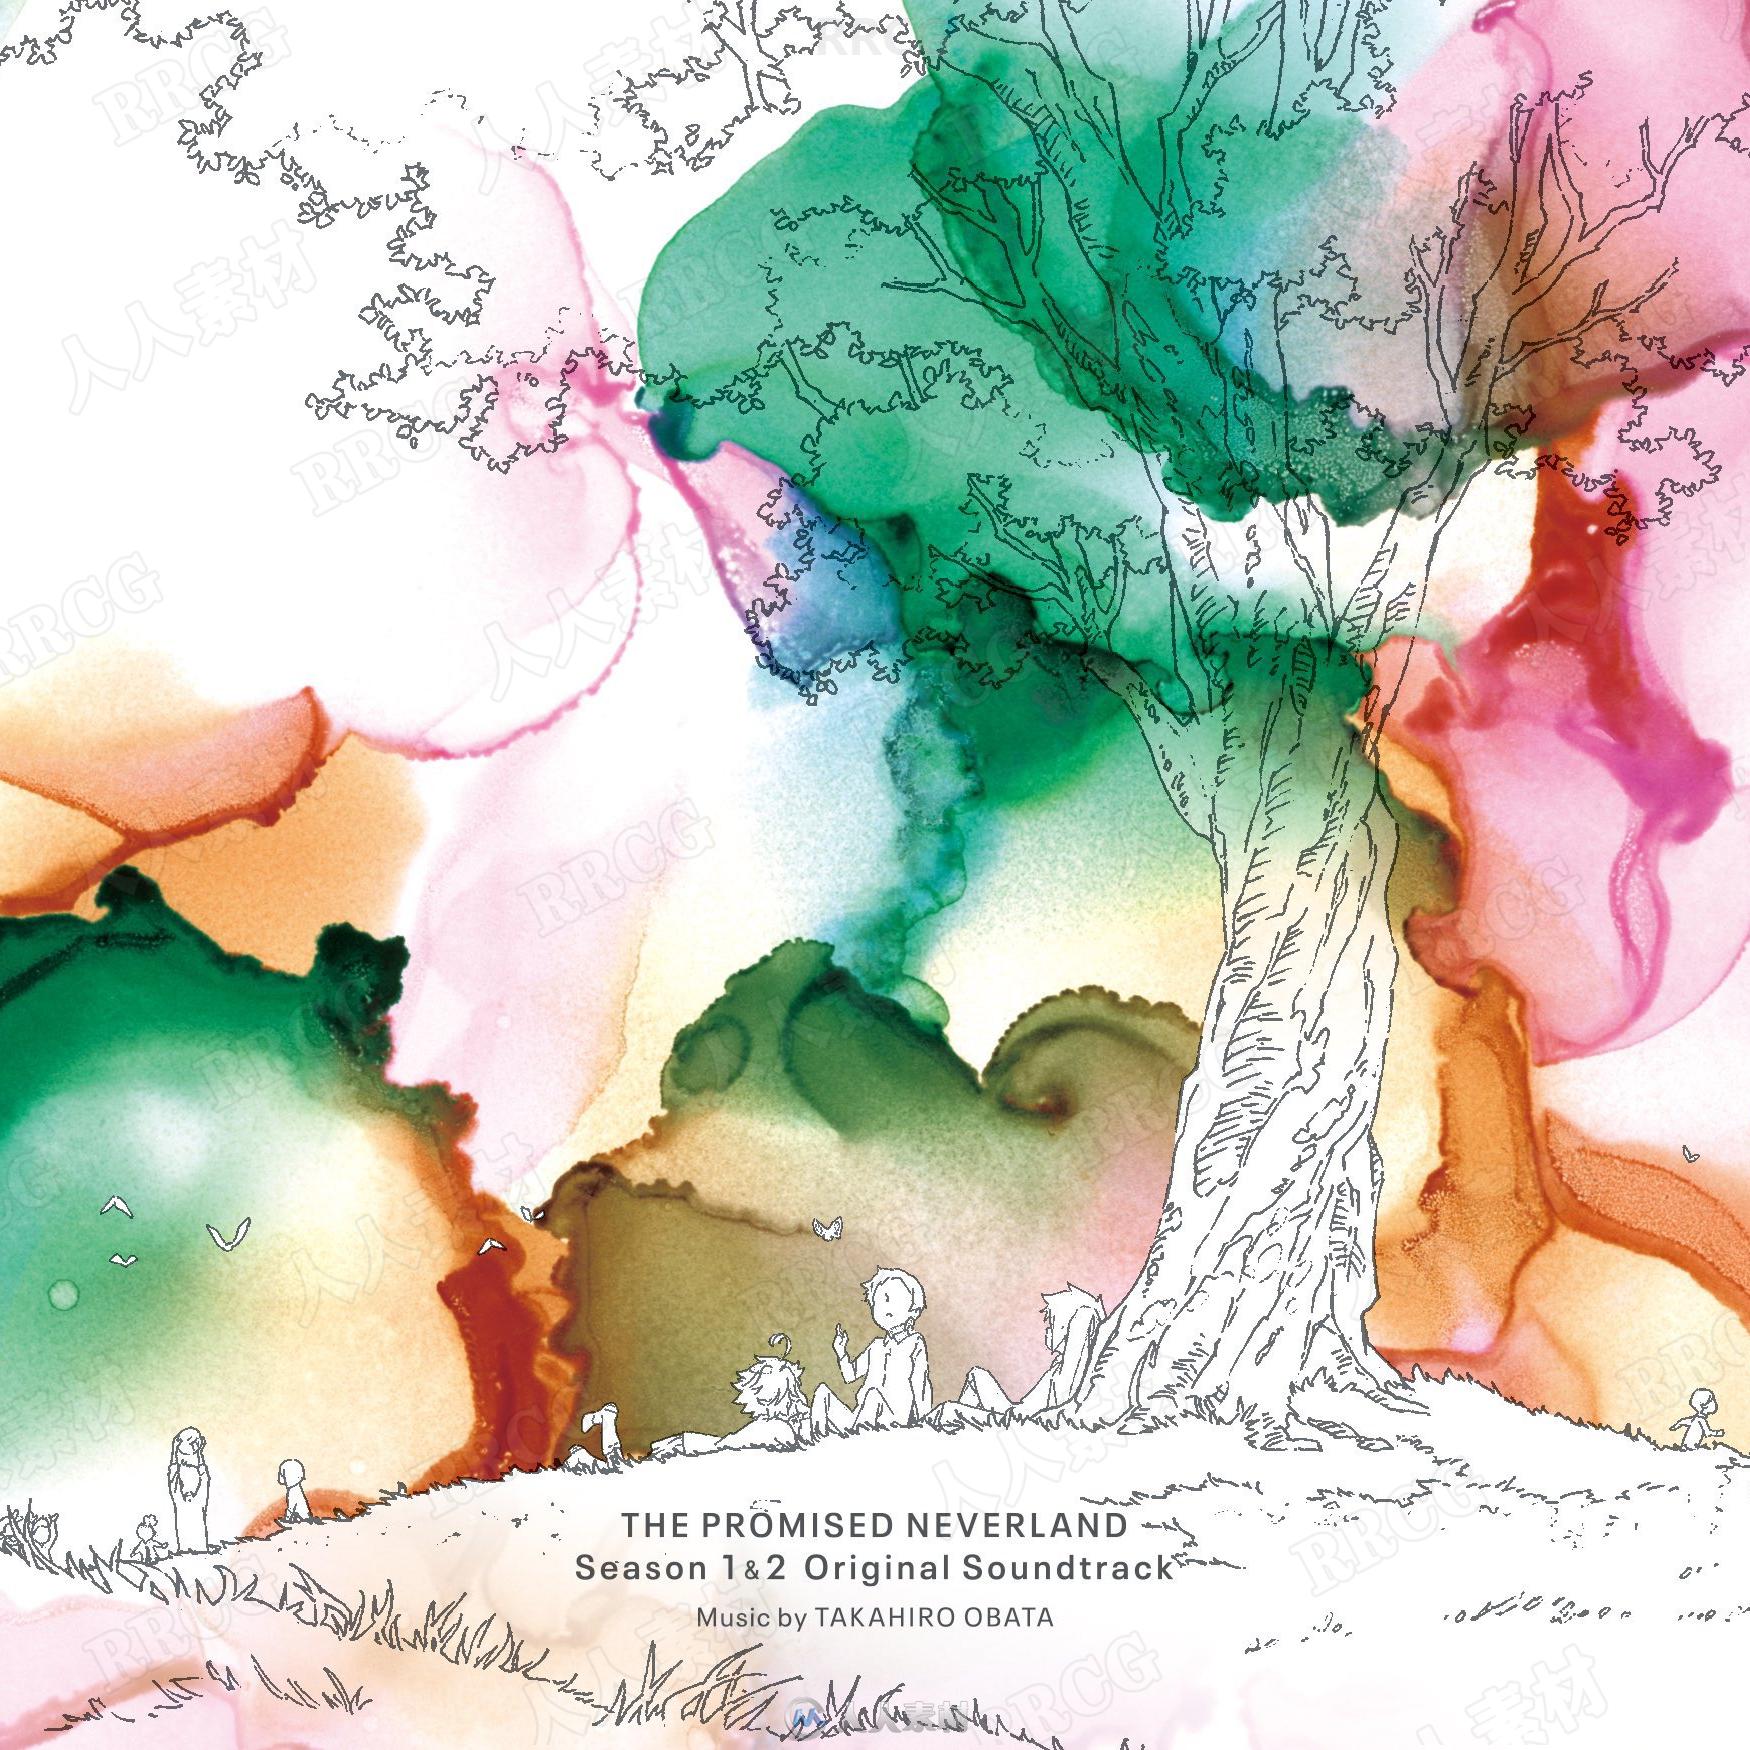 约定的梦幻岛1&2动画配乐原声大碟OST音乐素材合集